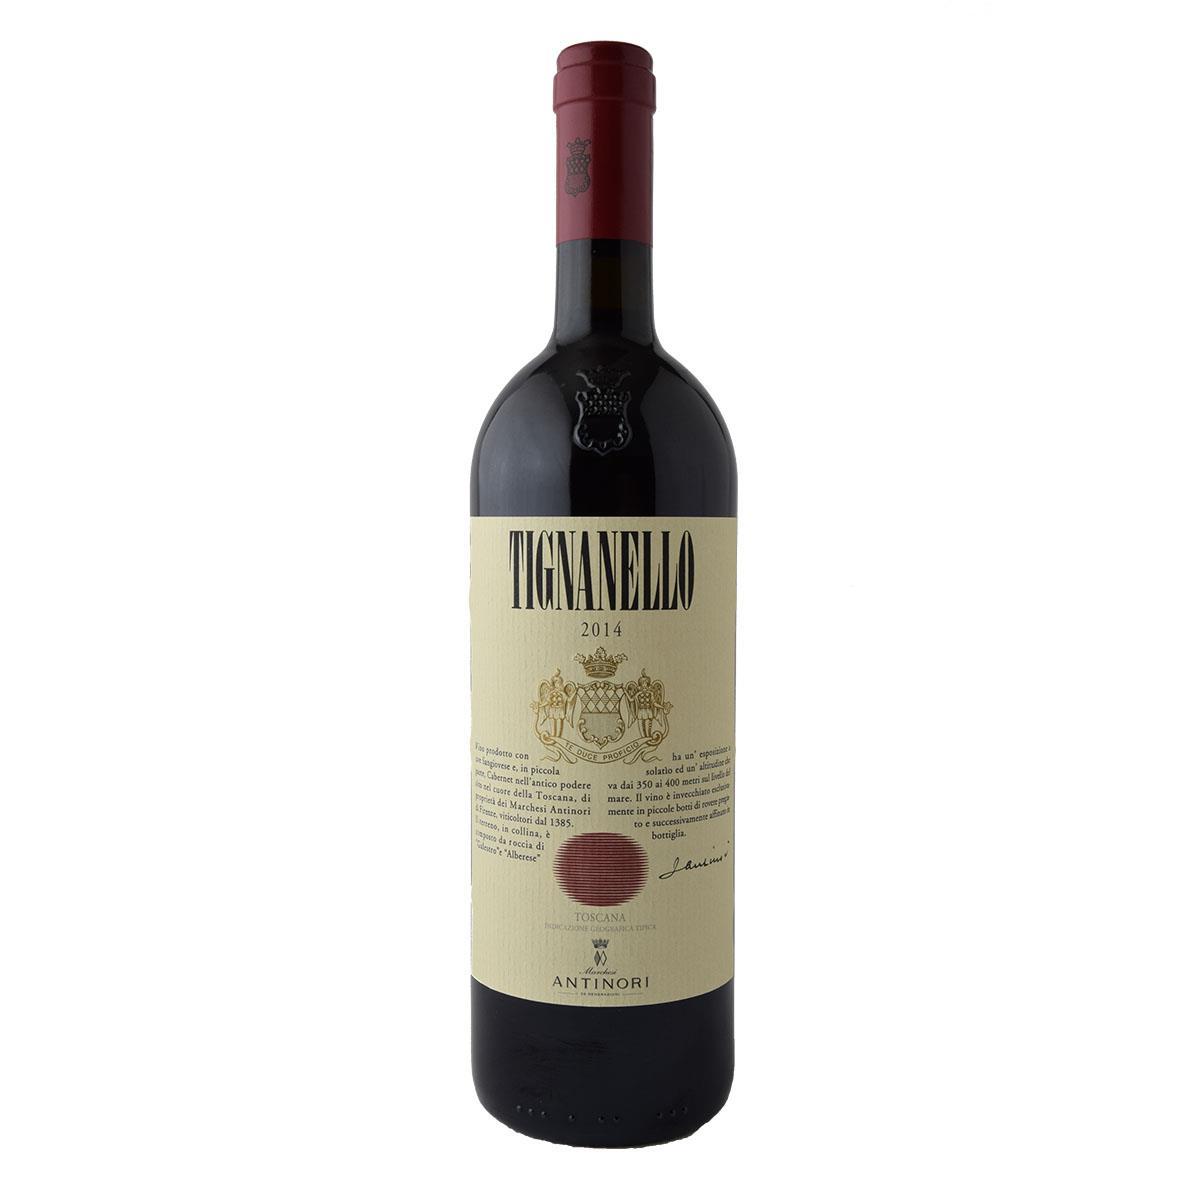 Antinori Tignanello 750ml